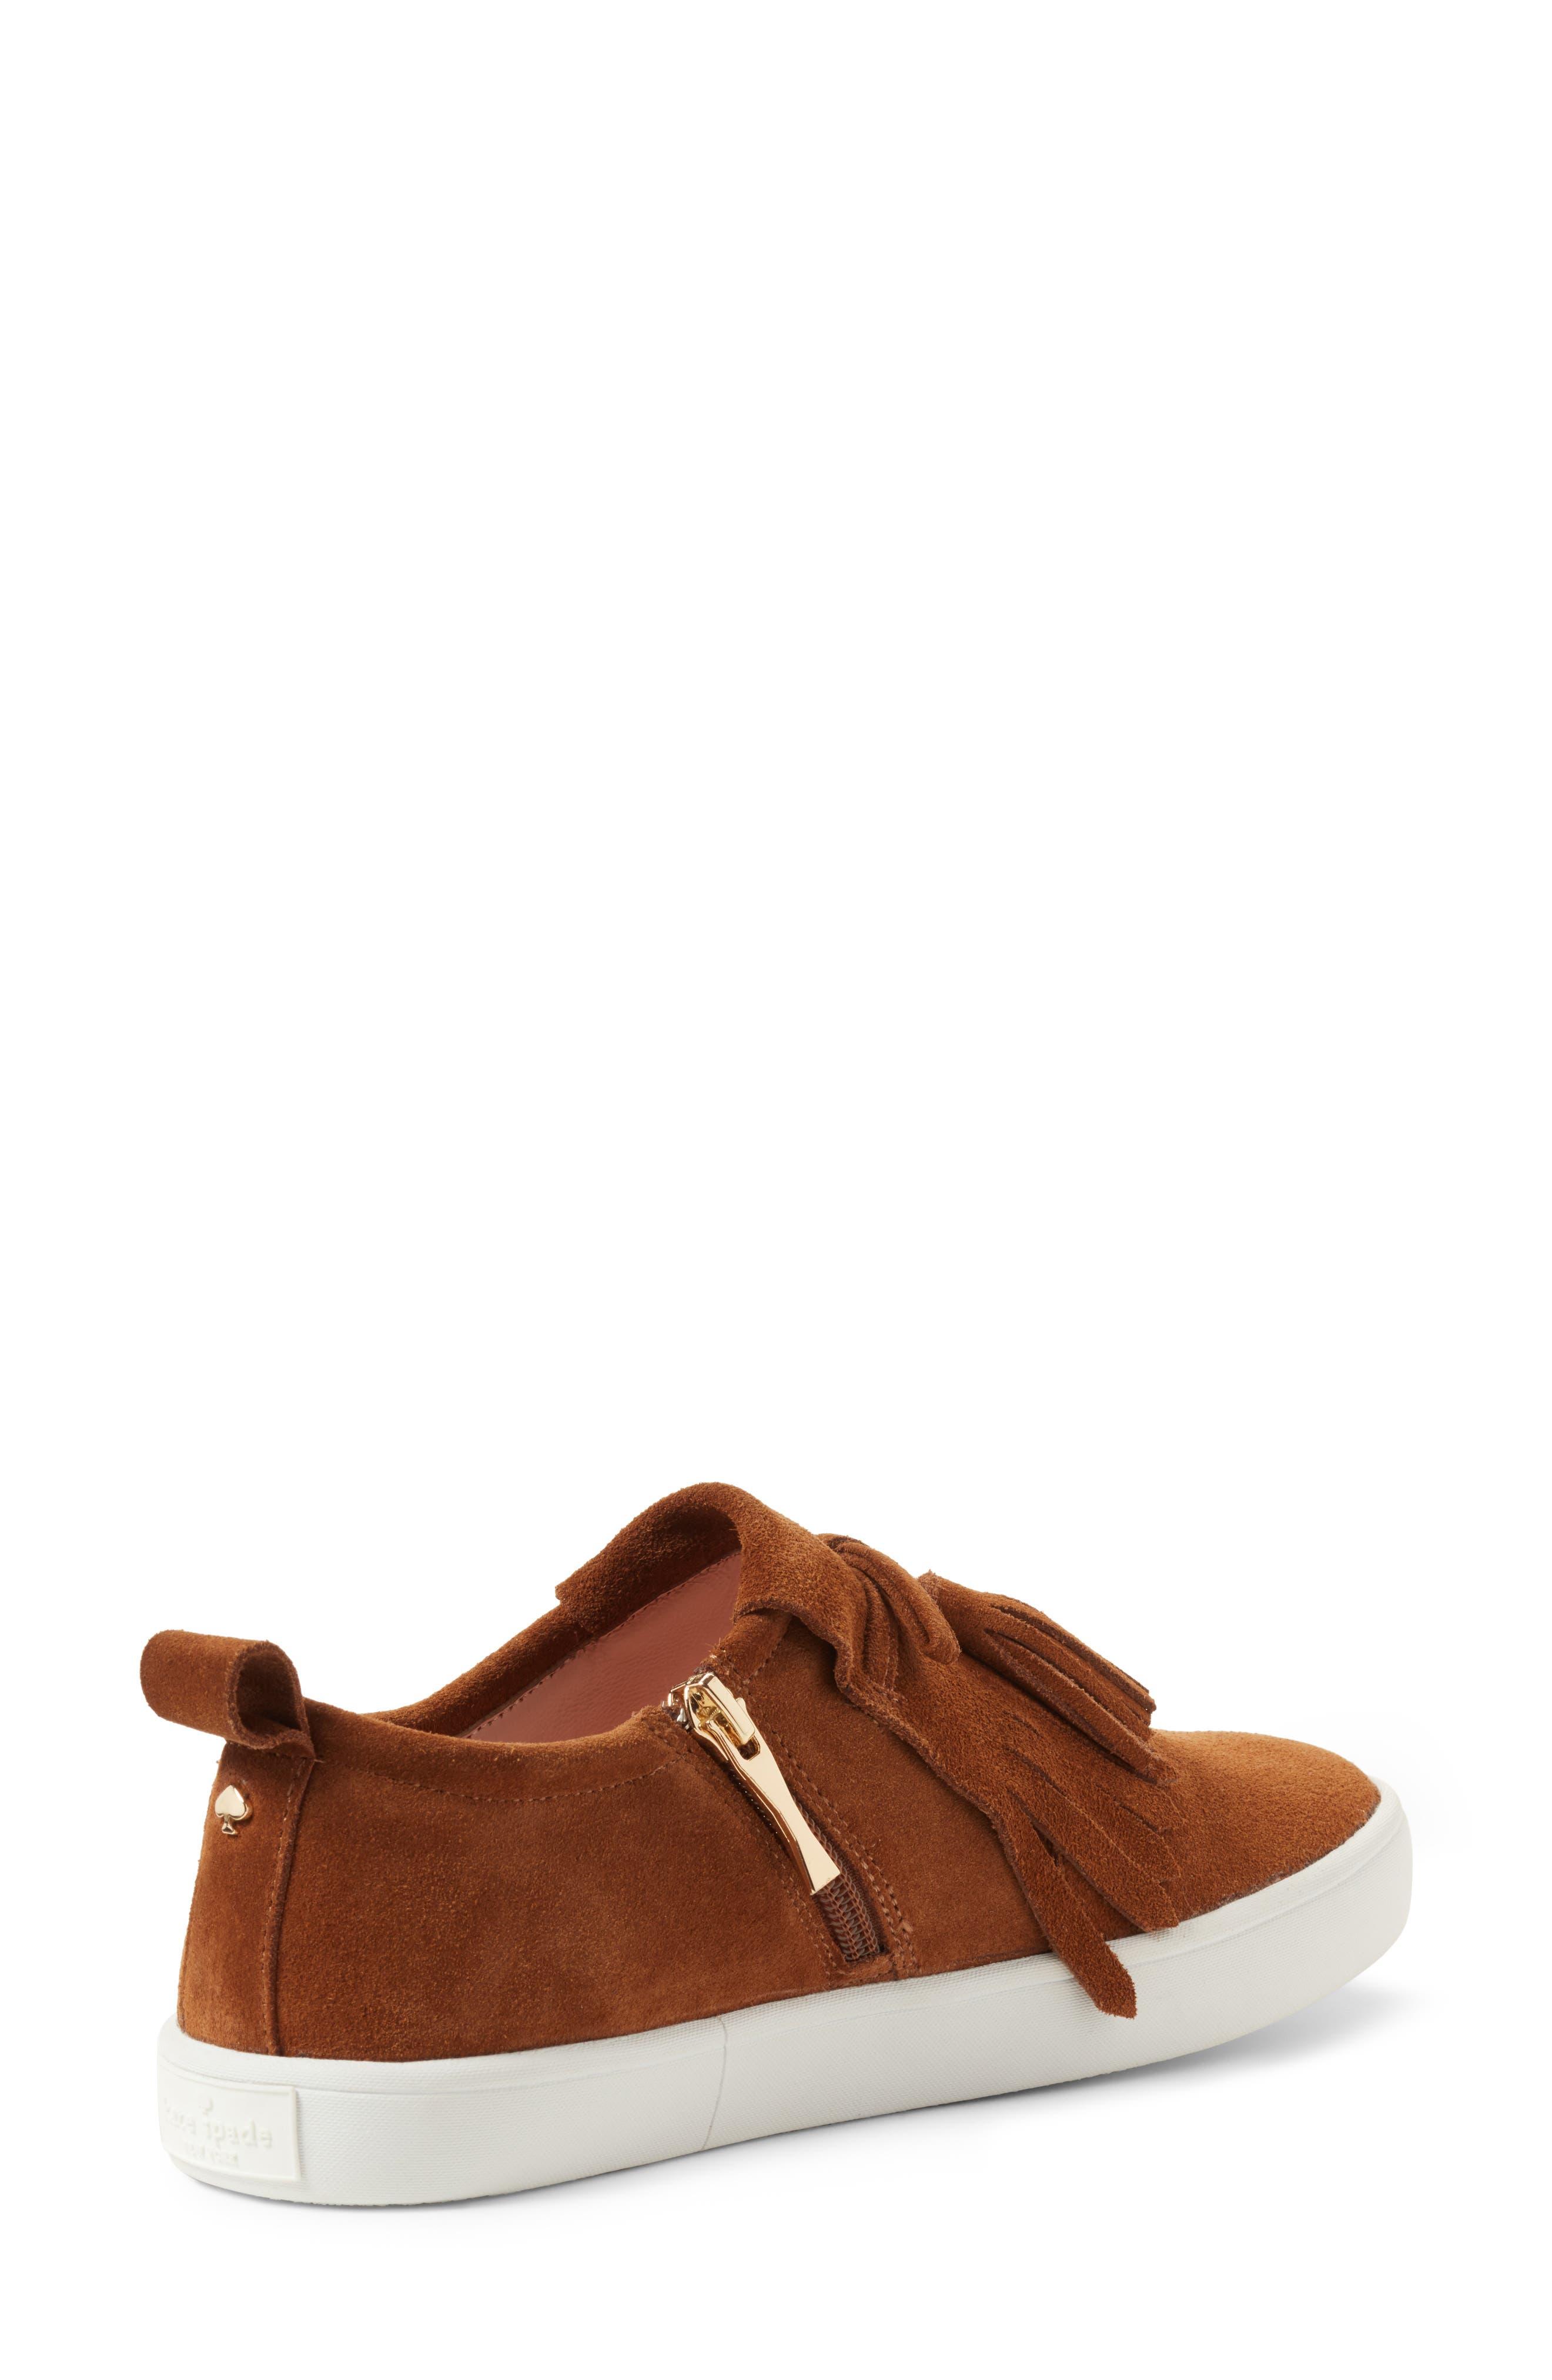 Alternate Image 2  - kate spade new york lenna tassel sneaker (Women)